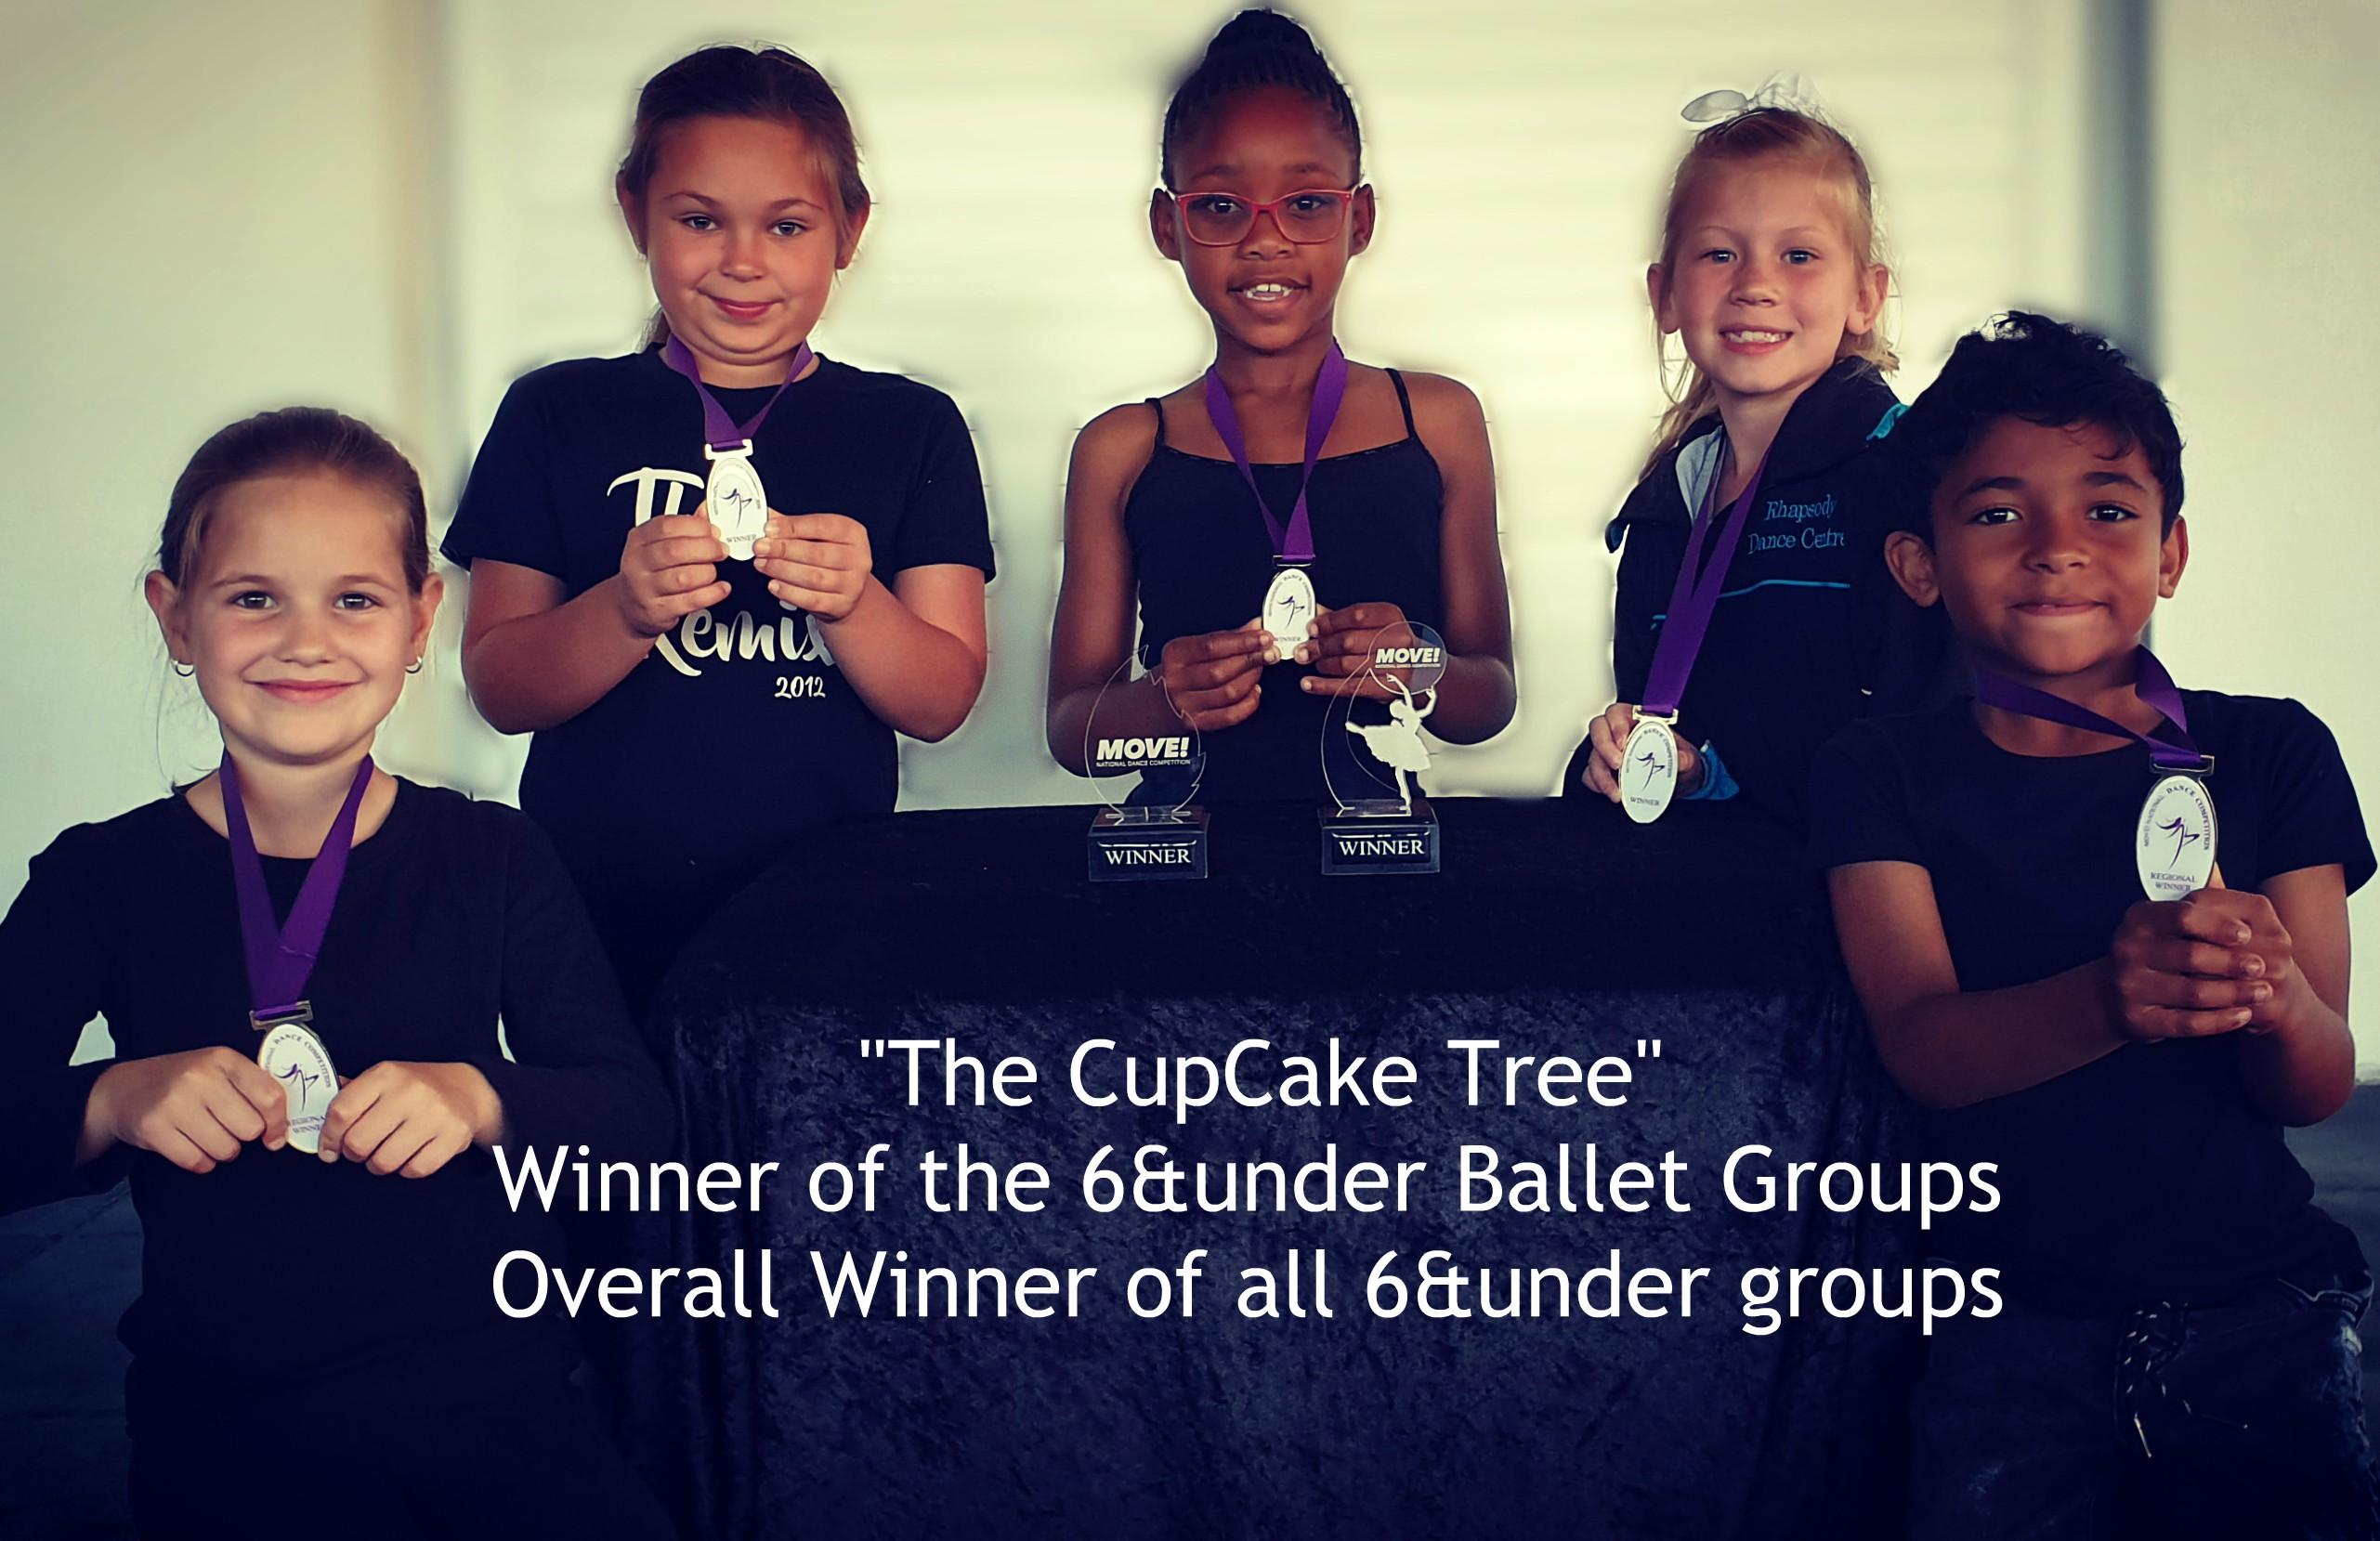 The Cupcake Tree Winner